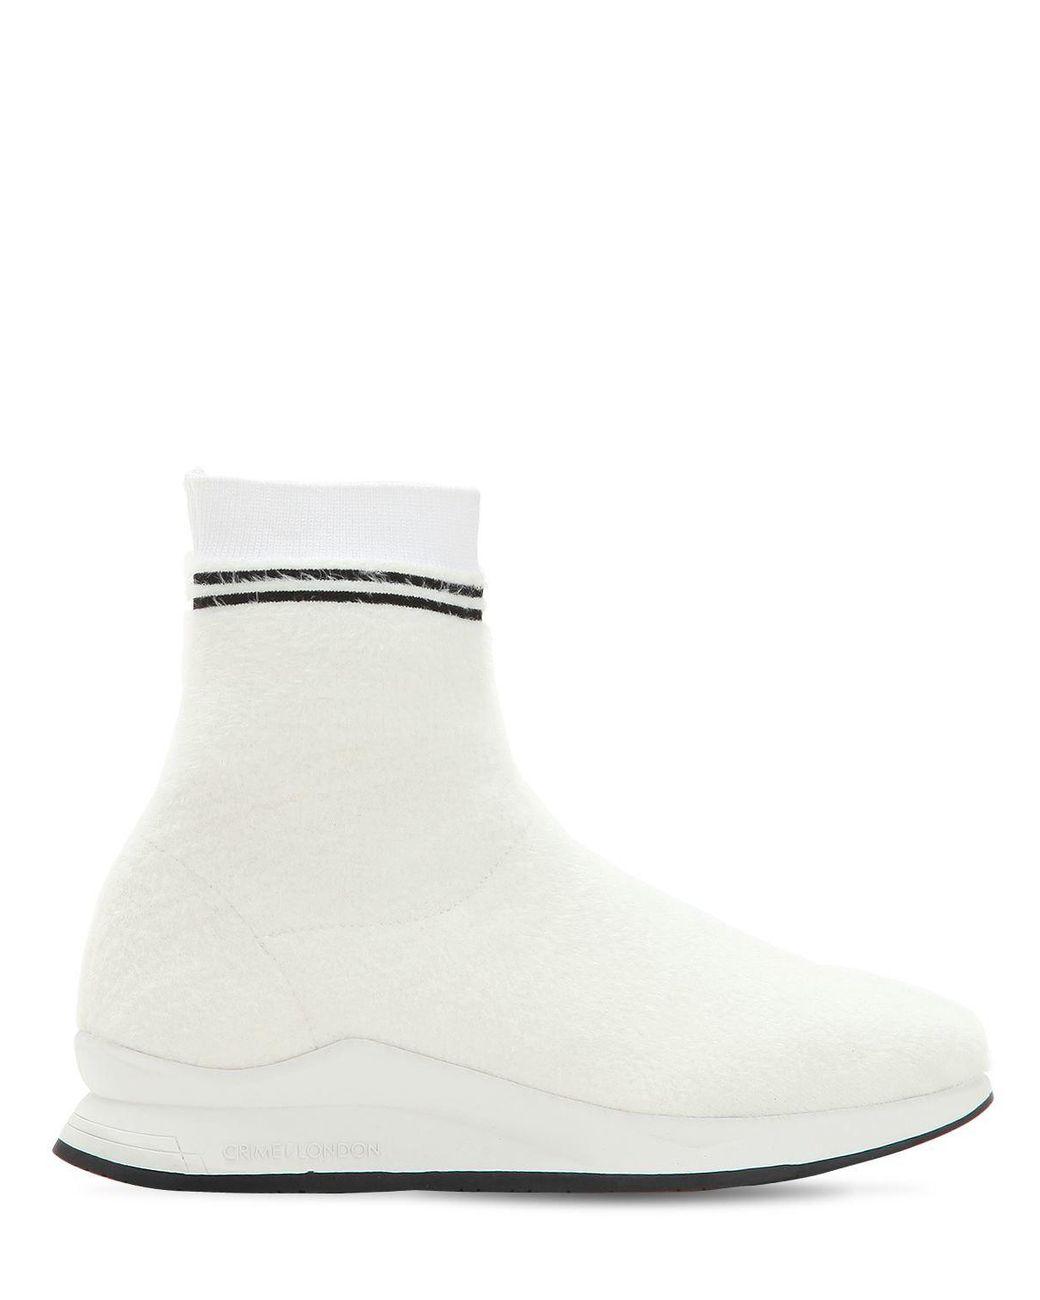 20mm Afeni Blanc Style Coloris Crime En Lyst Baskets Chaussettes CeQBorWdx